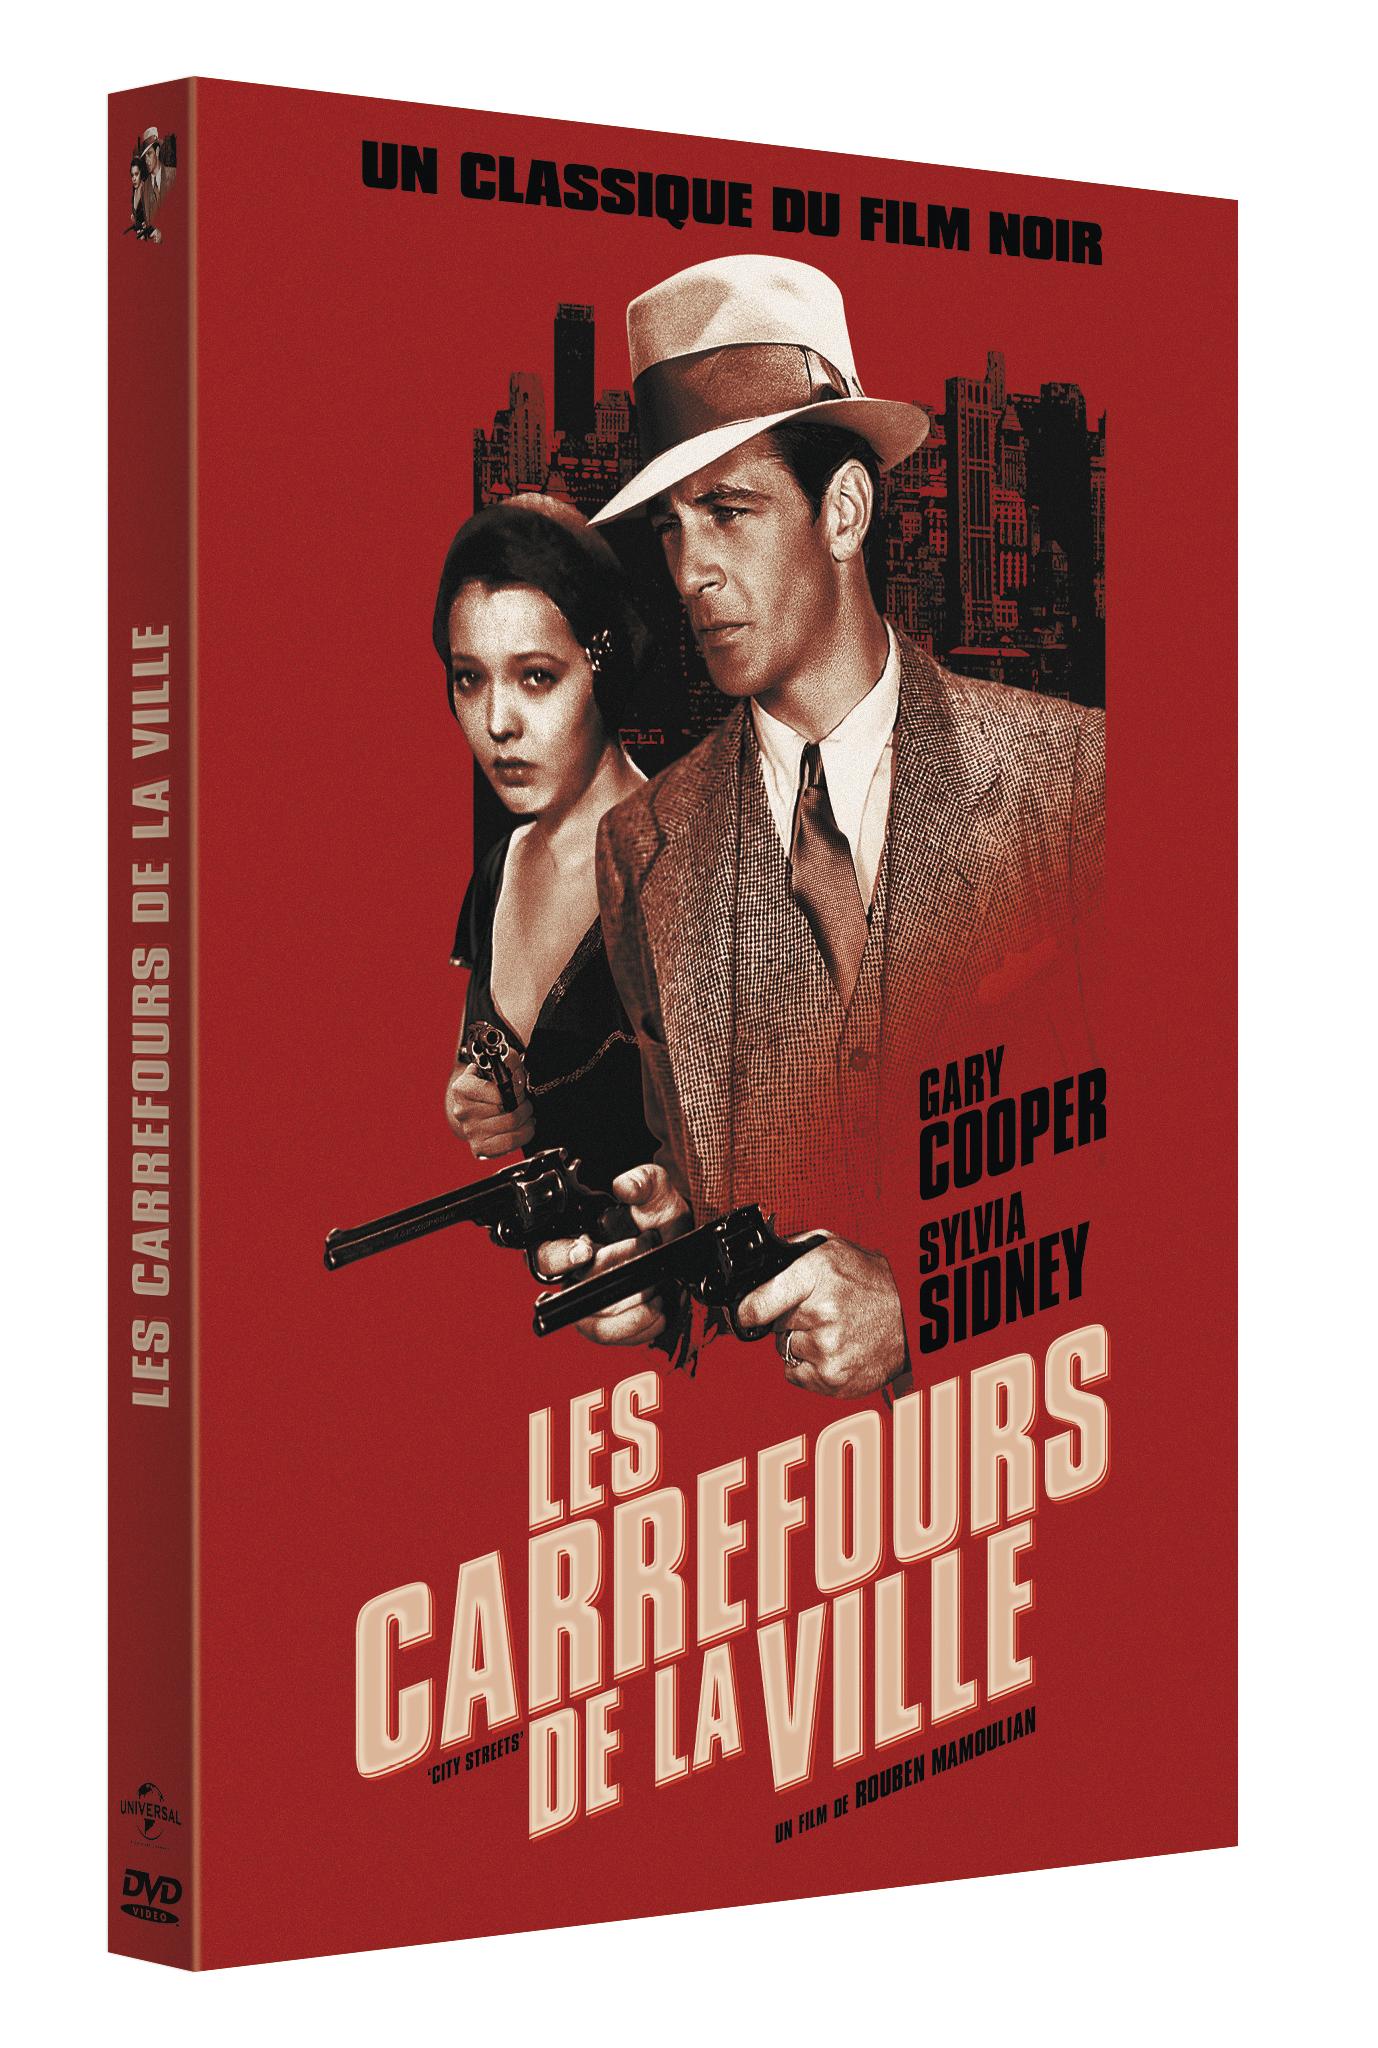 LES CARREFOURS DE LA VILLE